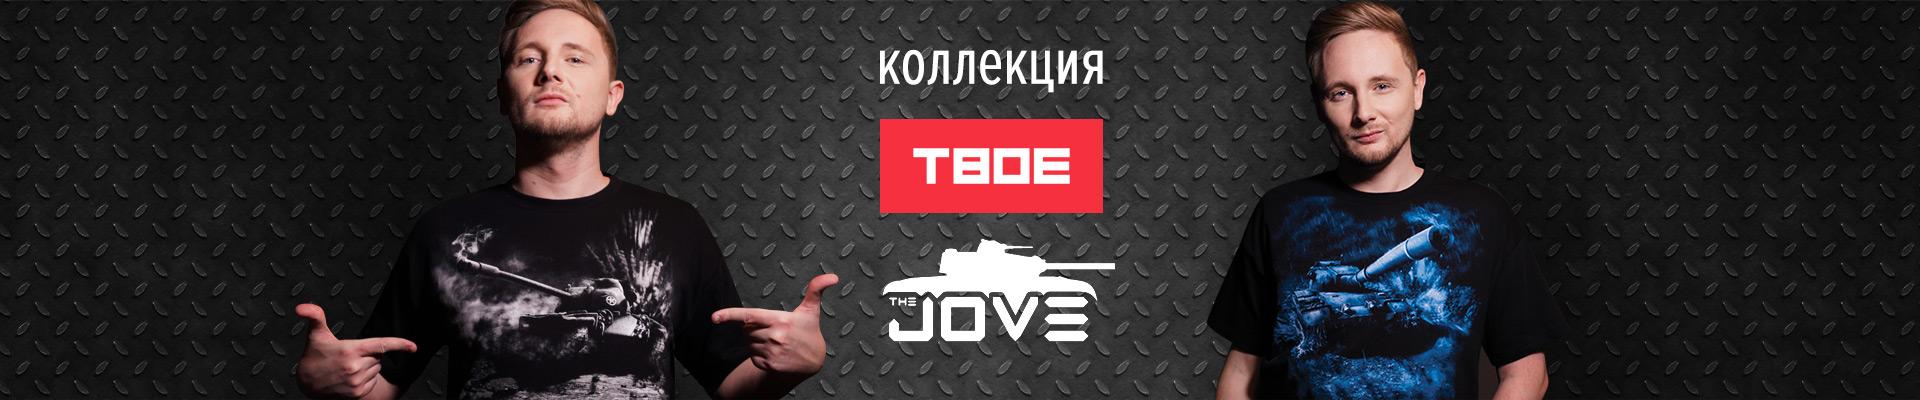 ТВОЕ Х Jove Tankist